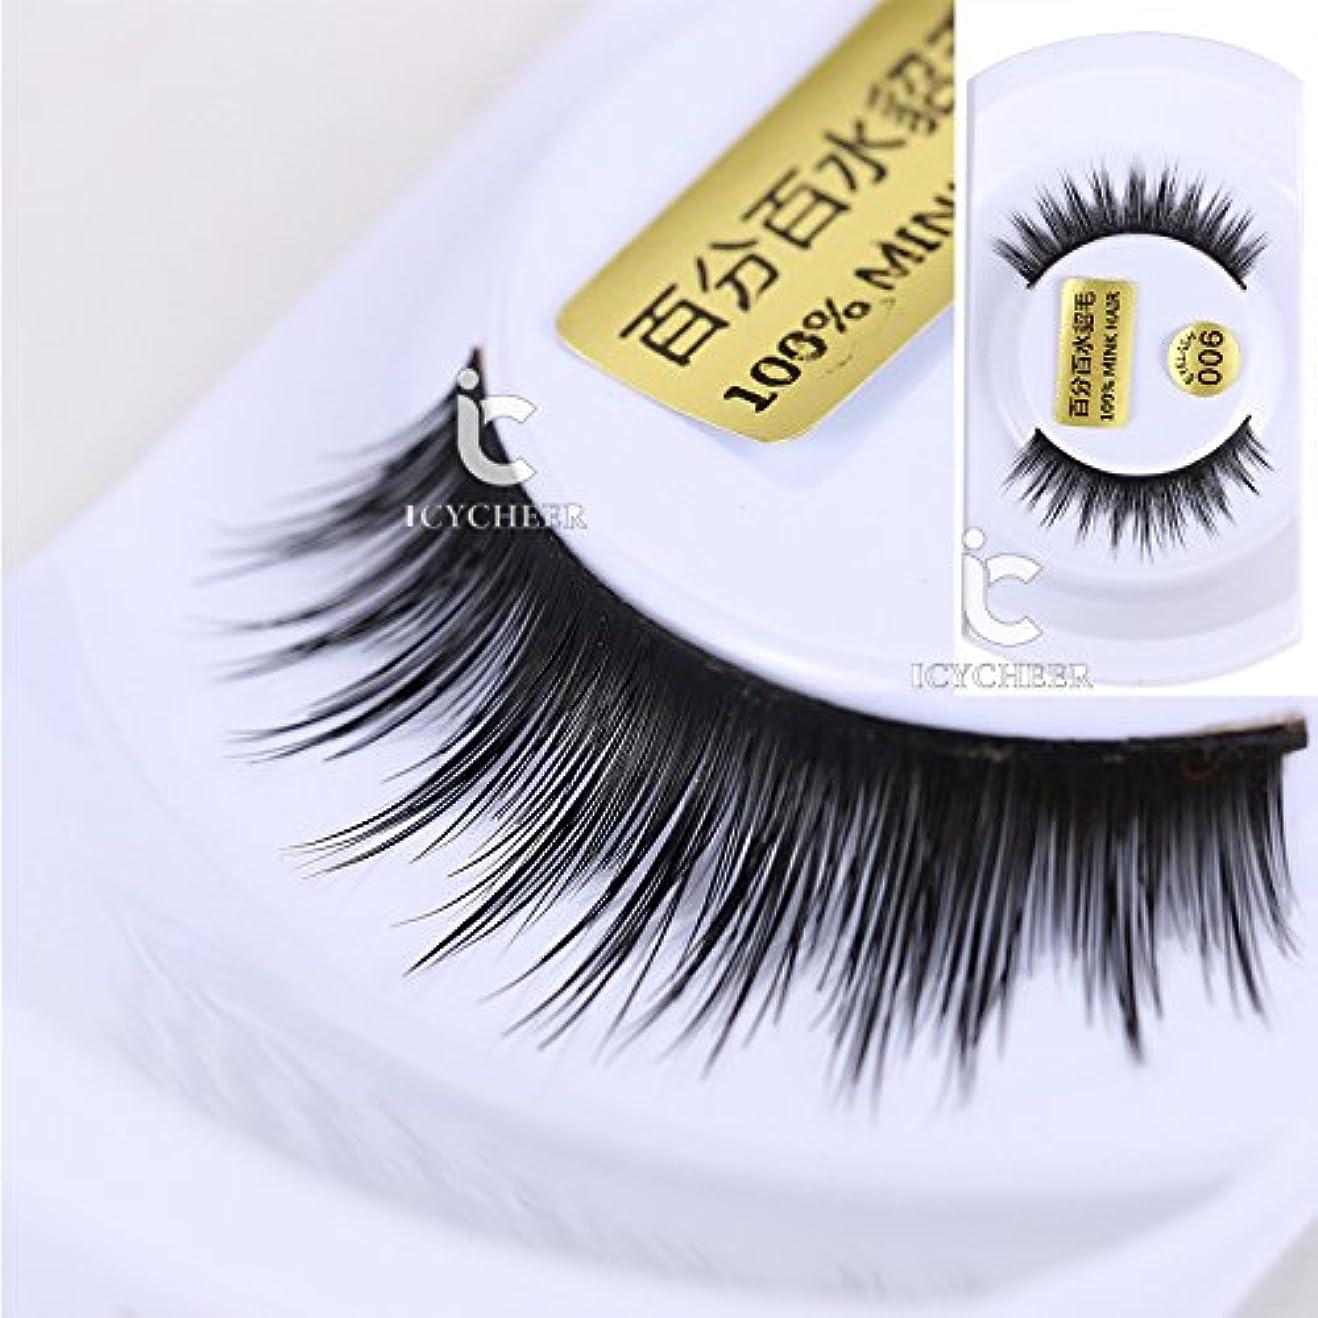 インフルエンザ金銭的な活力ICYCHEER 新しい100% ミンク毛自然柔らかい黒太いロング偽アイまつげ偽まつげ